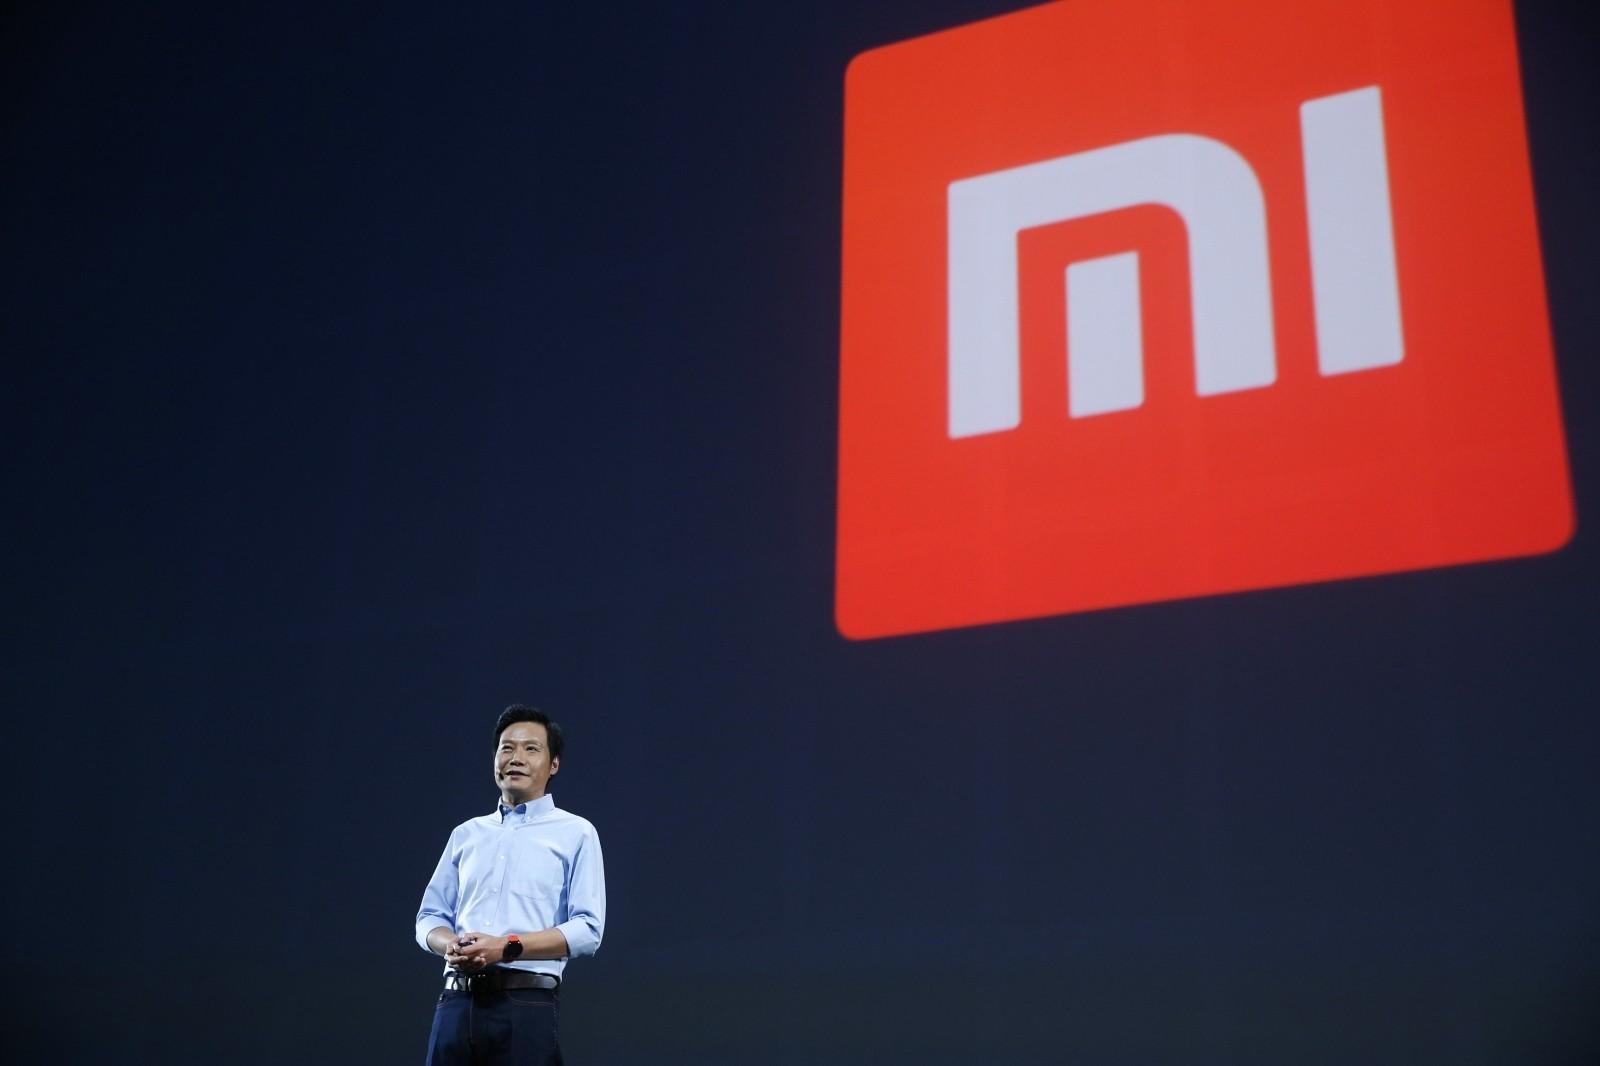 小米将于6月23日召开全球发售新闻发布会 6月25日公开招股